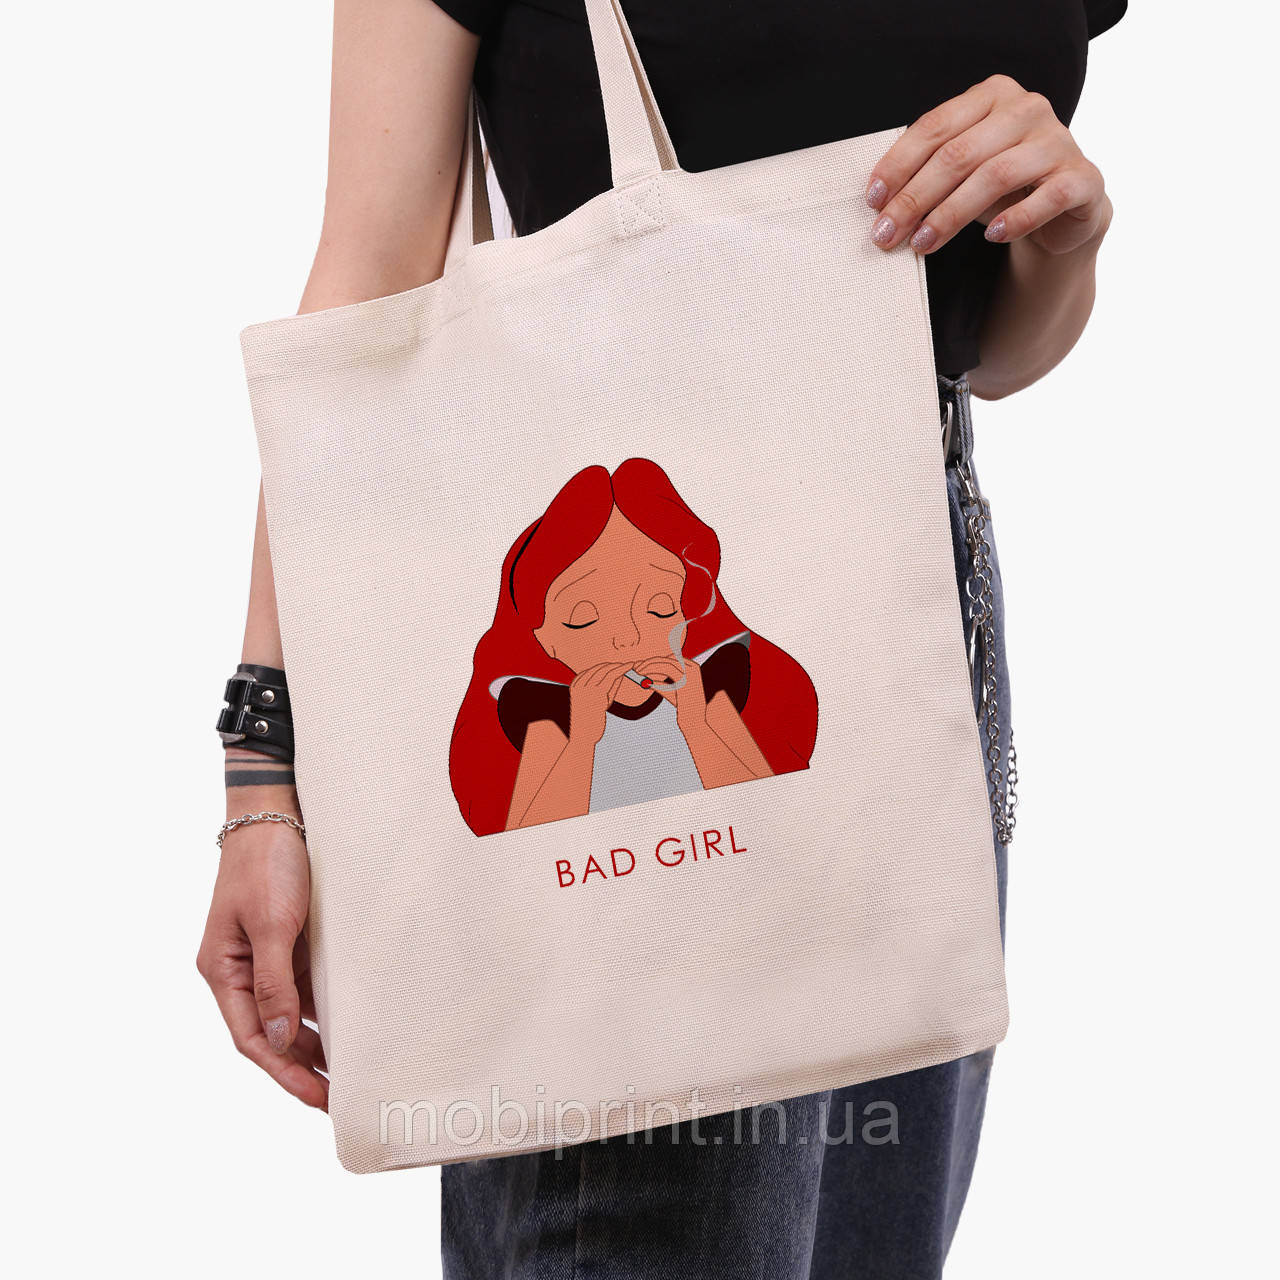 """Эко сумка шоппер Алиса плохая девочка """"Дисней"""" (Alice is a Disney) (9227-1441) экосумка шопер"""